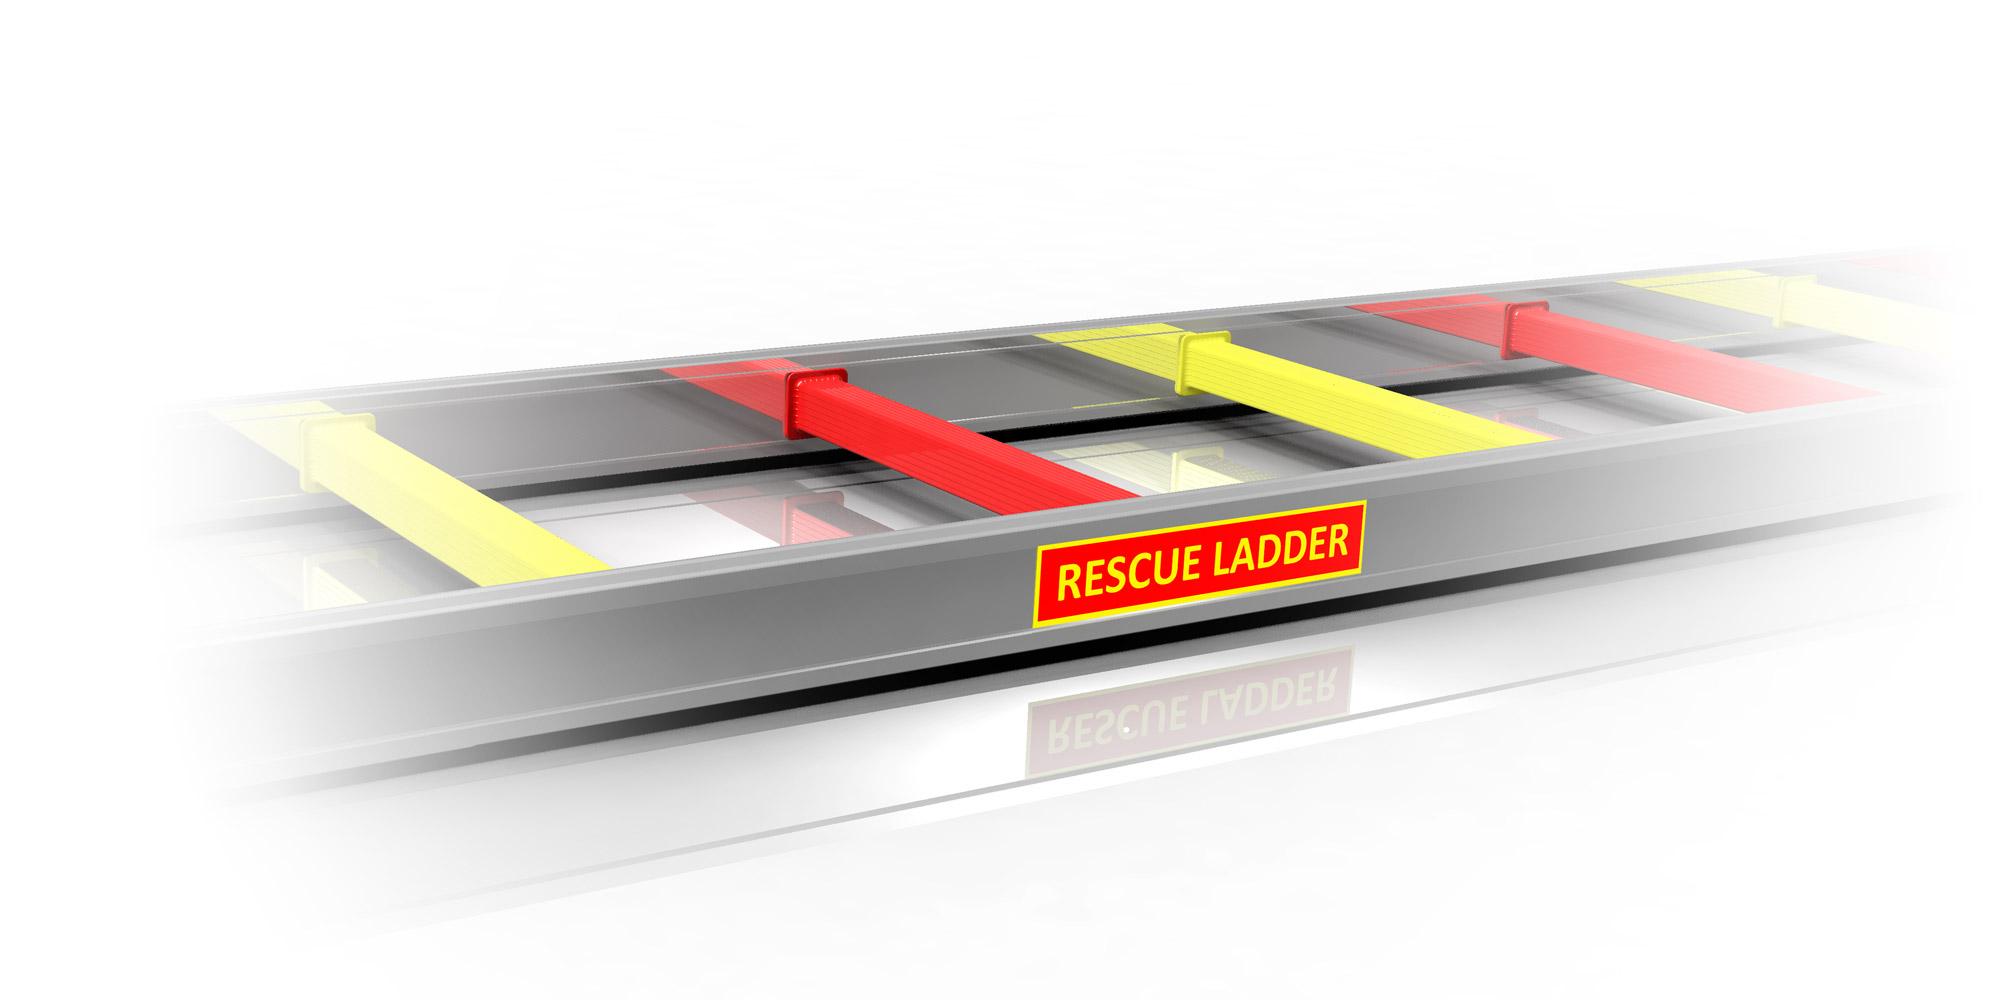 Rescue-Ladder-3-räddningsmärkt-M